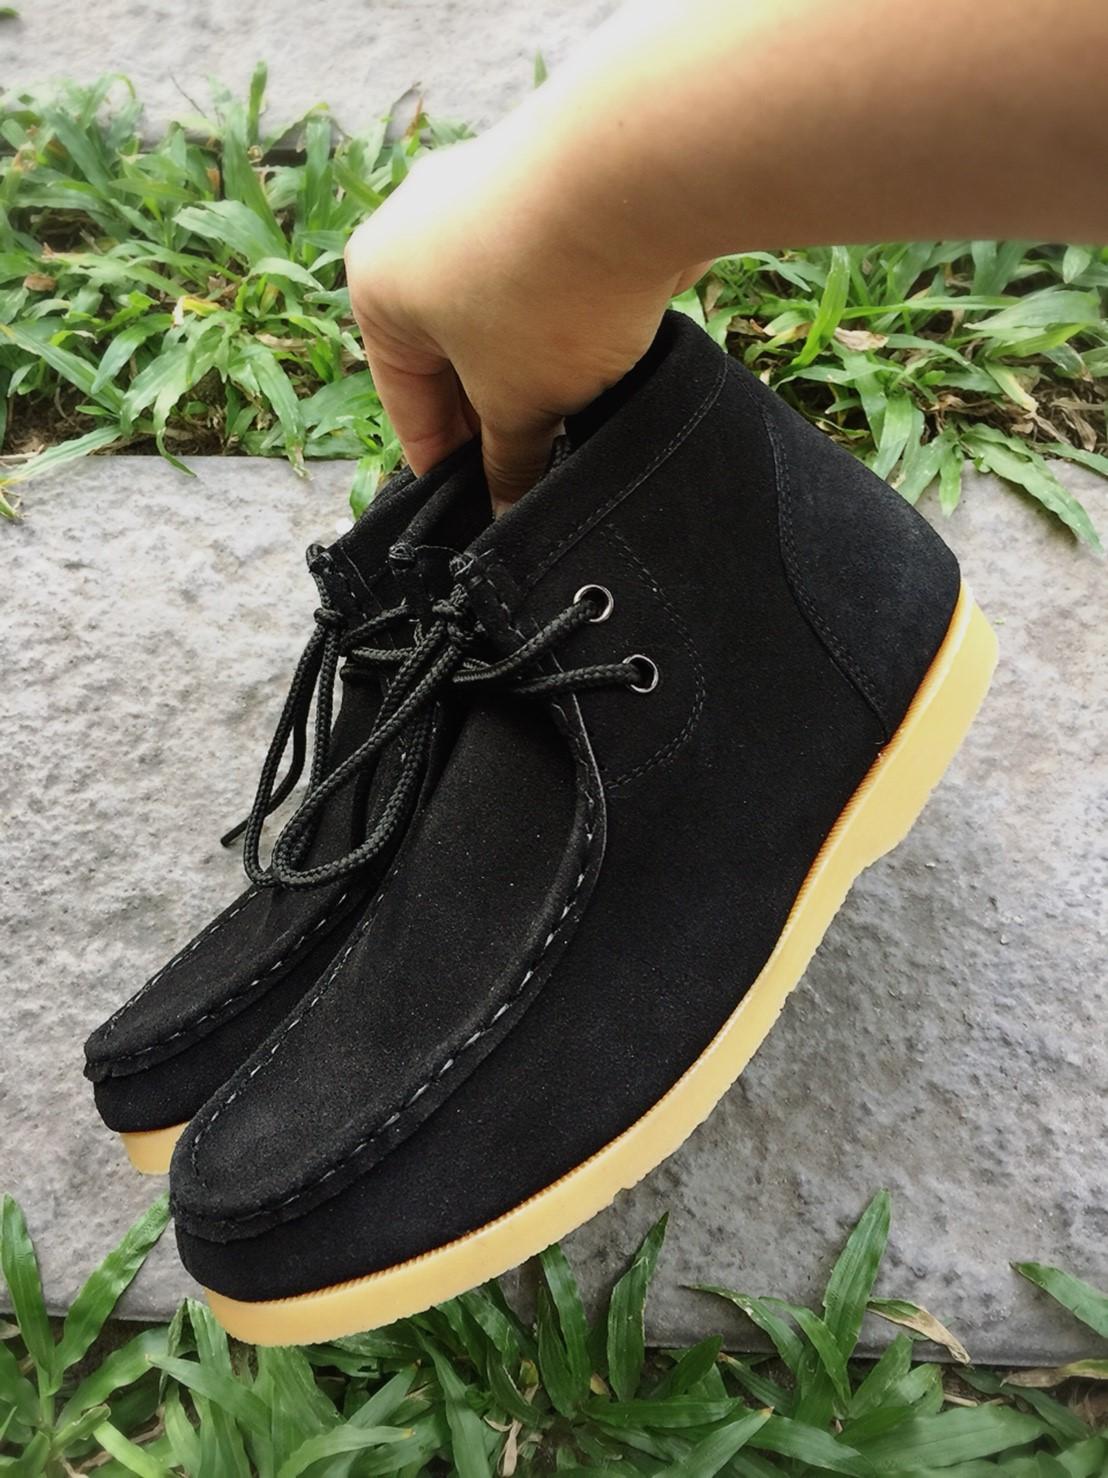 รองเท้าหนังกลับแท้ รุ่นหุ้มข้อ สีดำ